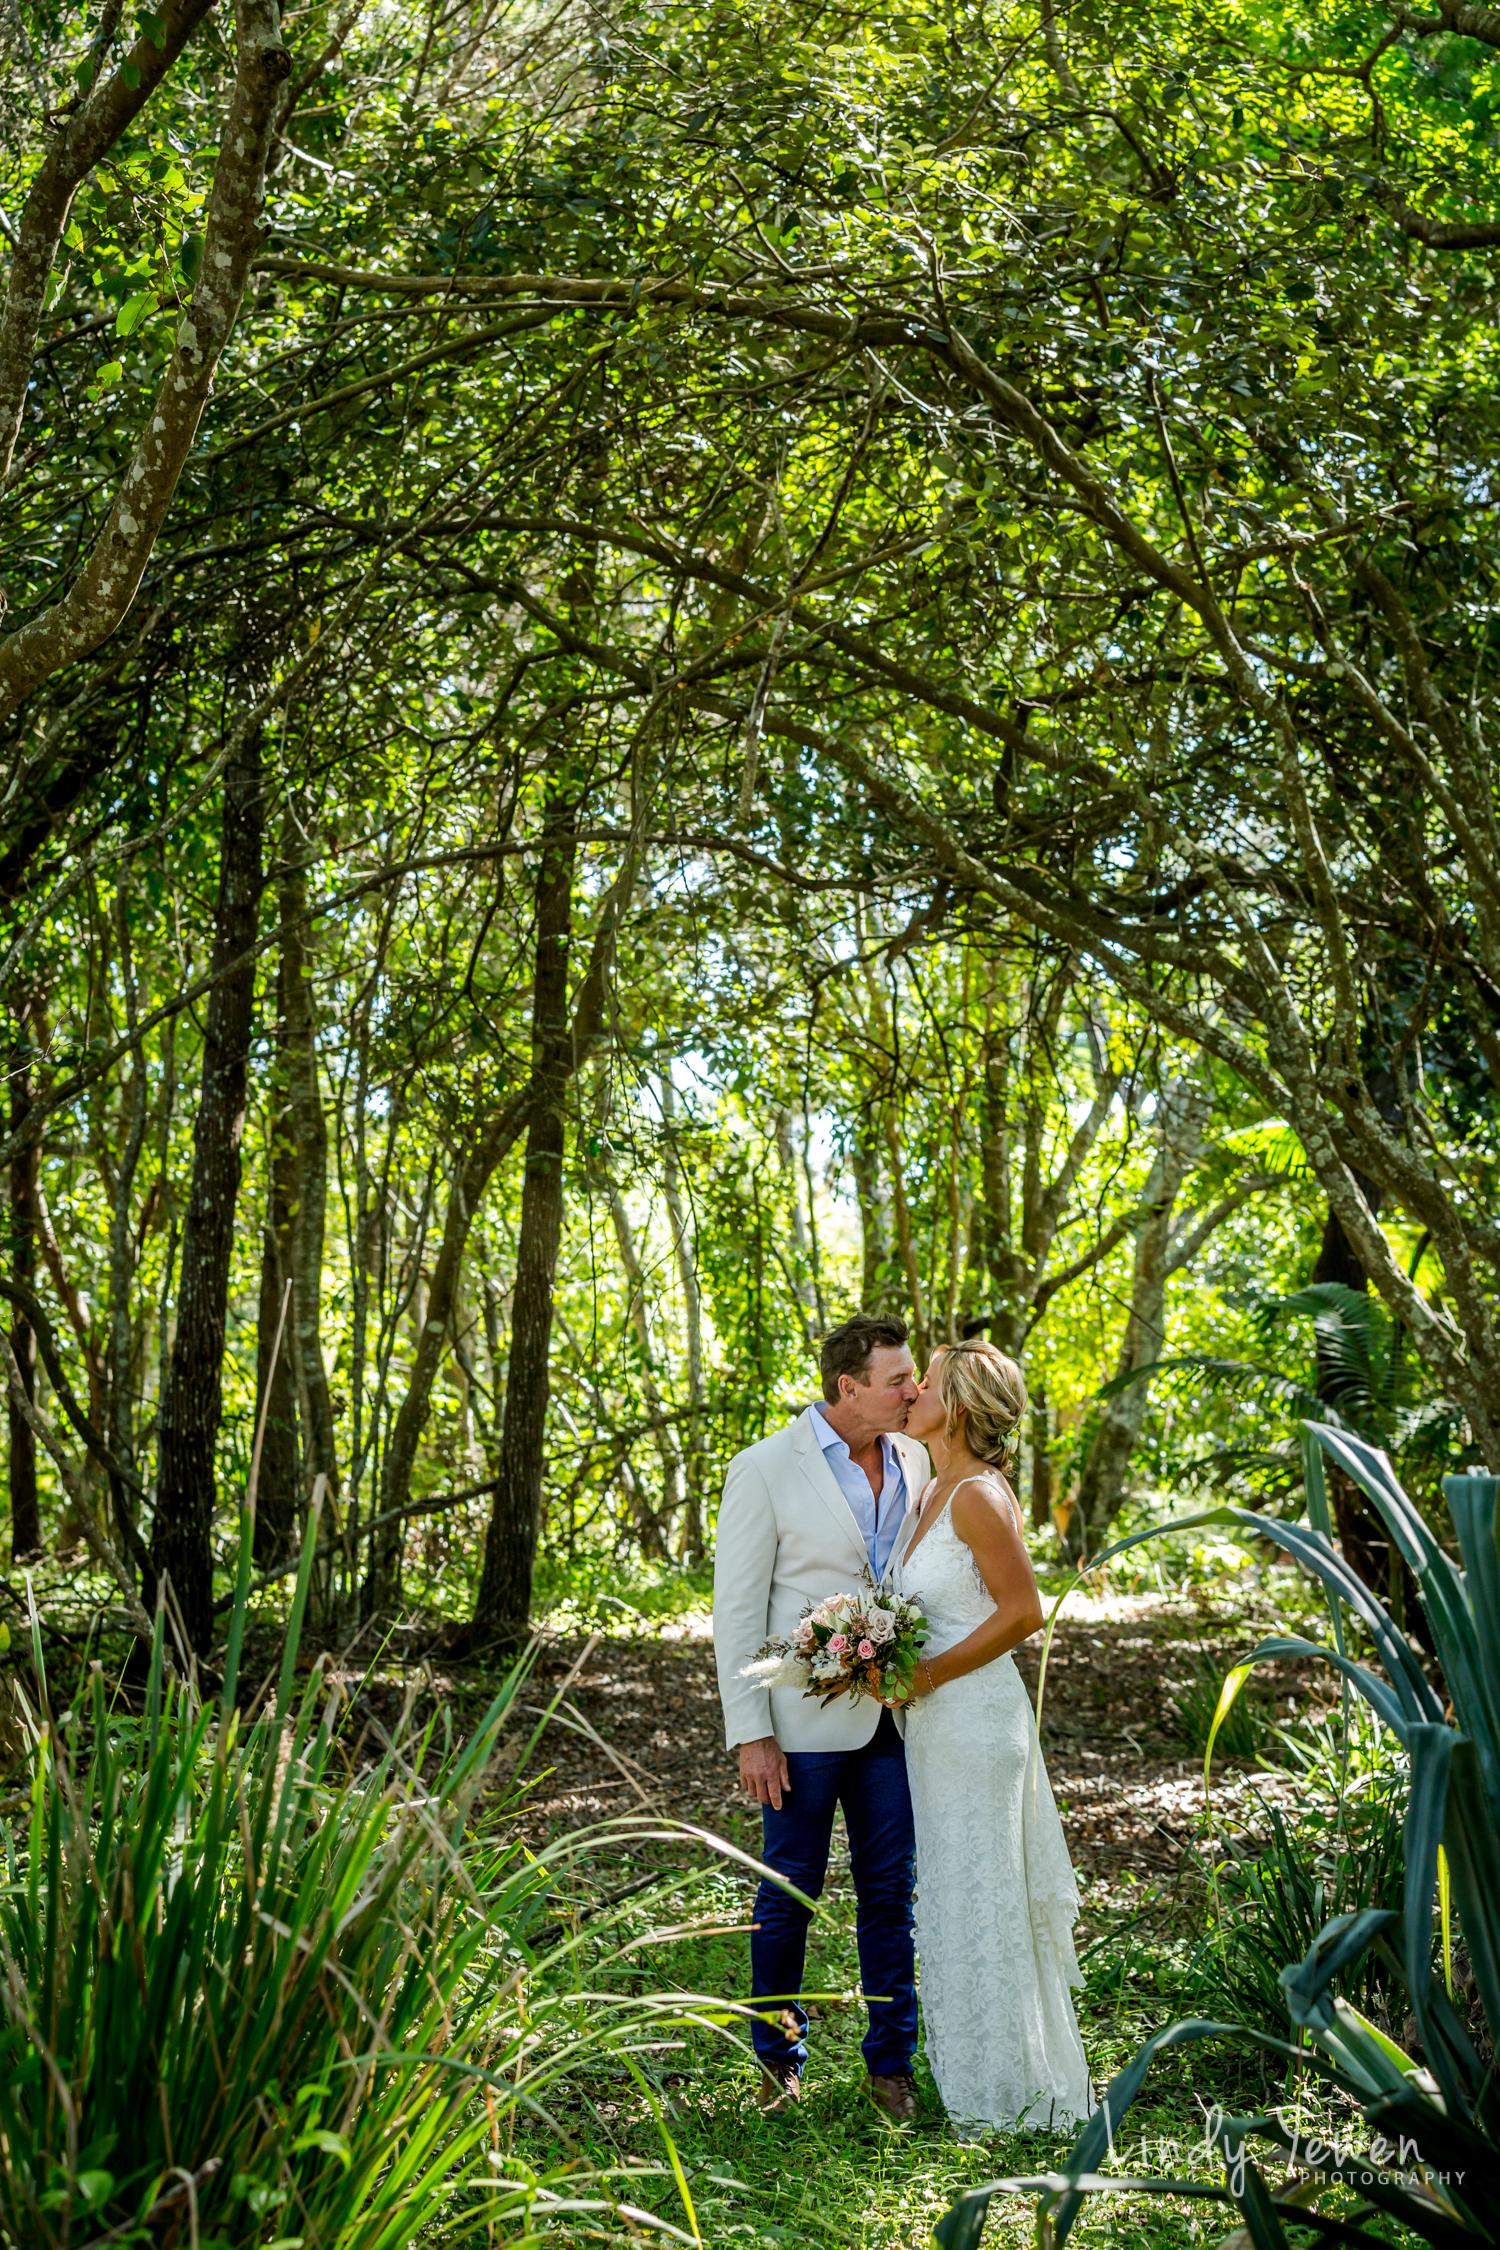 Noosa-Heads-Weddings-Leisa-Dale  347.jpg